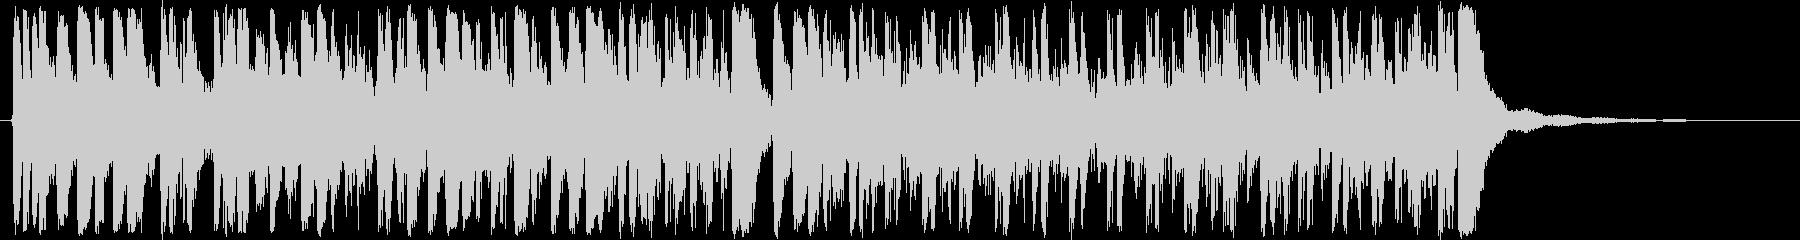 アコースティックドラムセット:地下...の未再生の波形